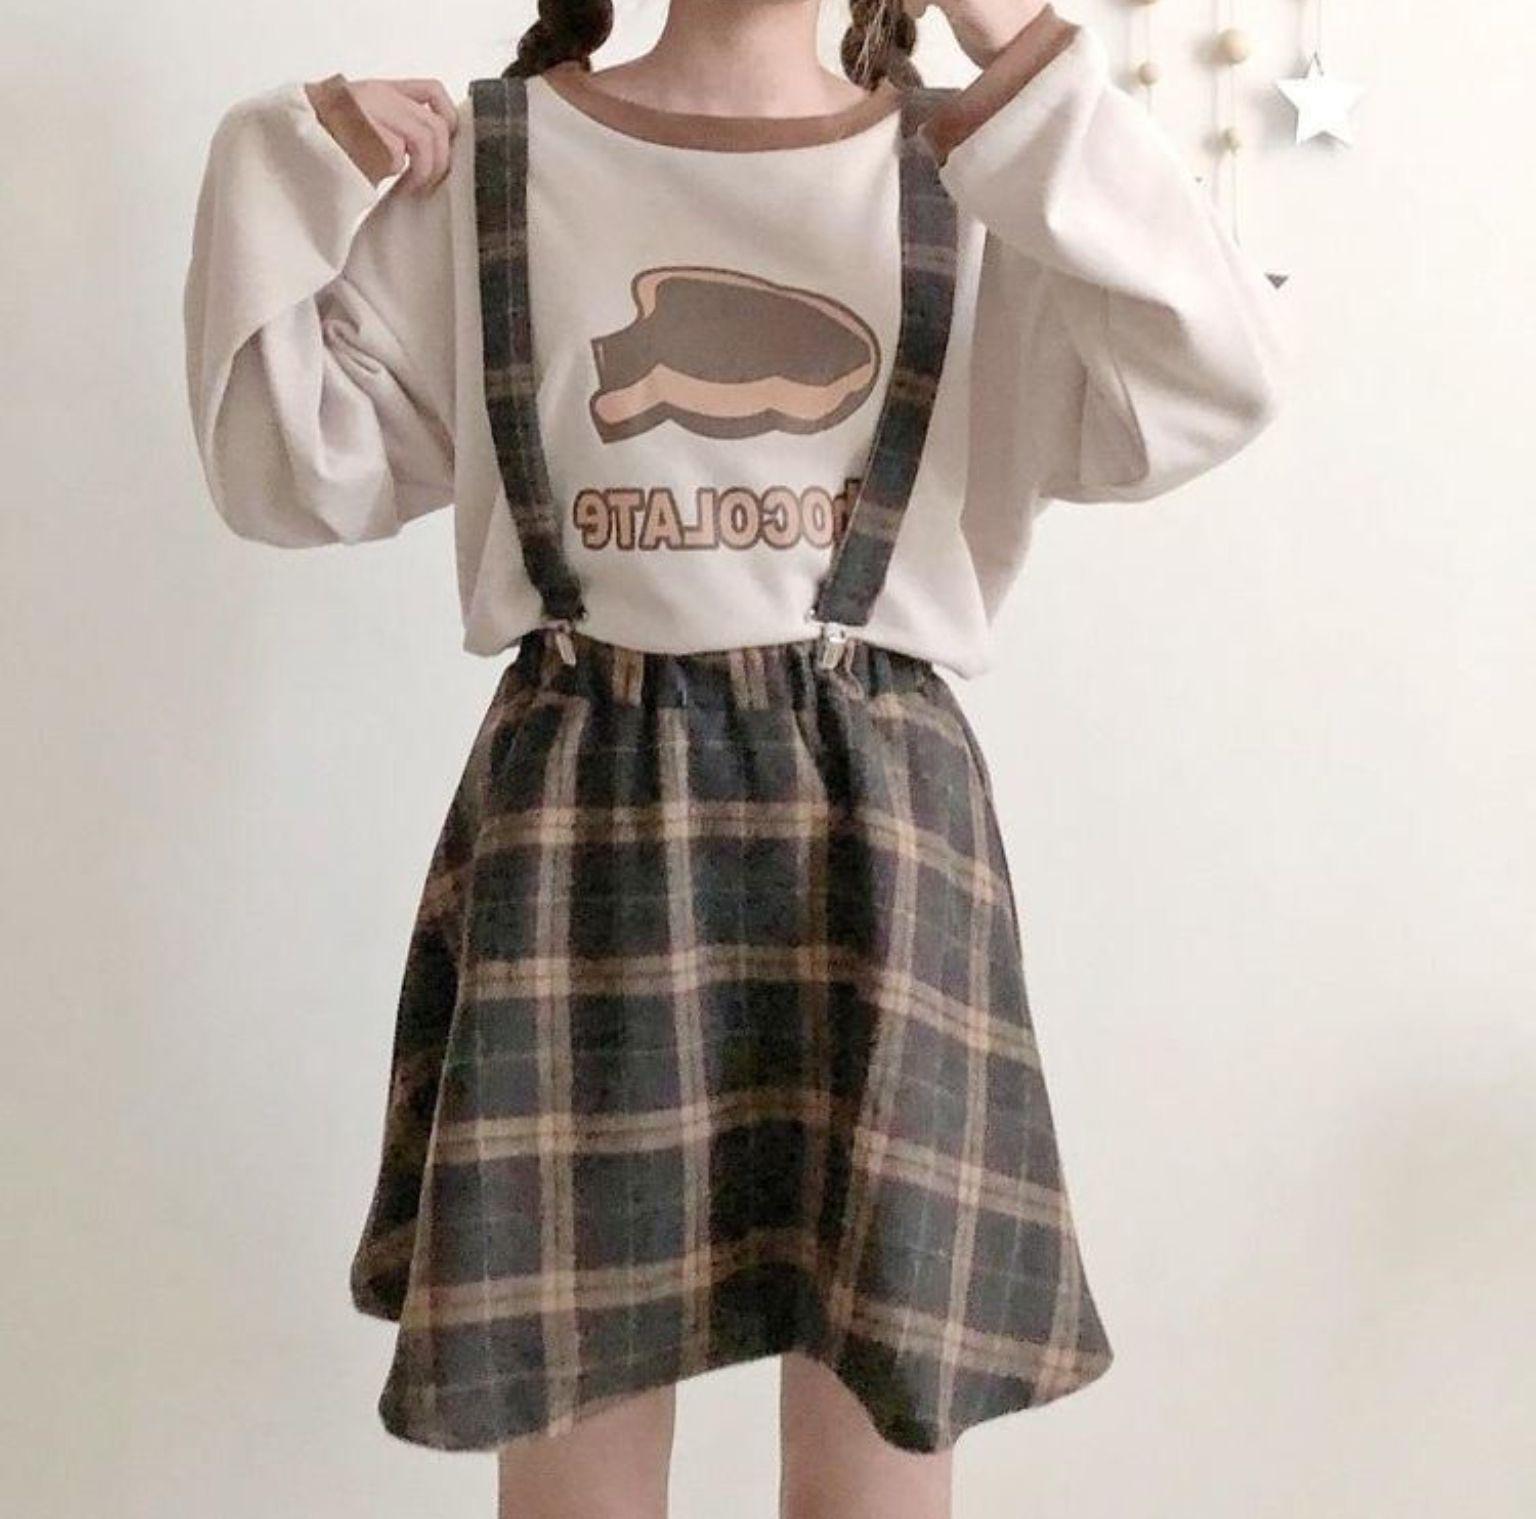 R O S I E Kawaiiclothes Clothes Fashion Kfashion Korean Fashion Style Street Style Cute Kawaii S In 2020 Kawaii Fashion Outfits Pastel Aesthetic Outfit Kawaii Clothes